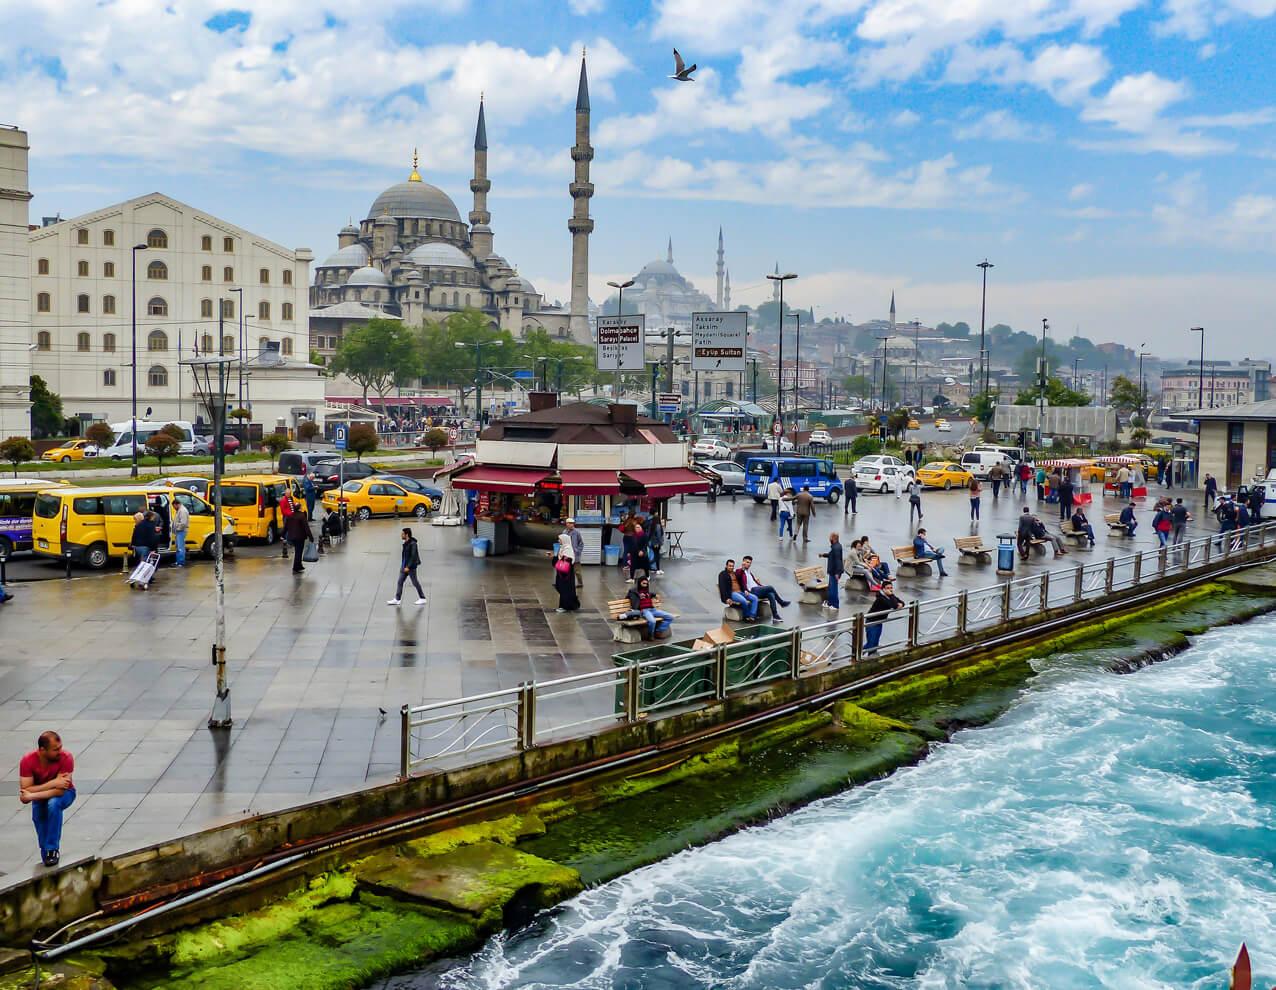 تور استانبول – 3 شب ( آذر 97 ) از تهران